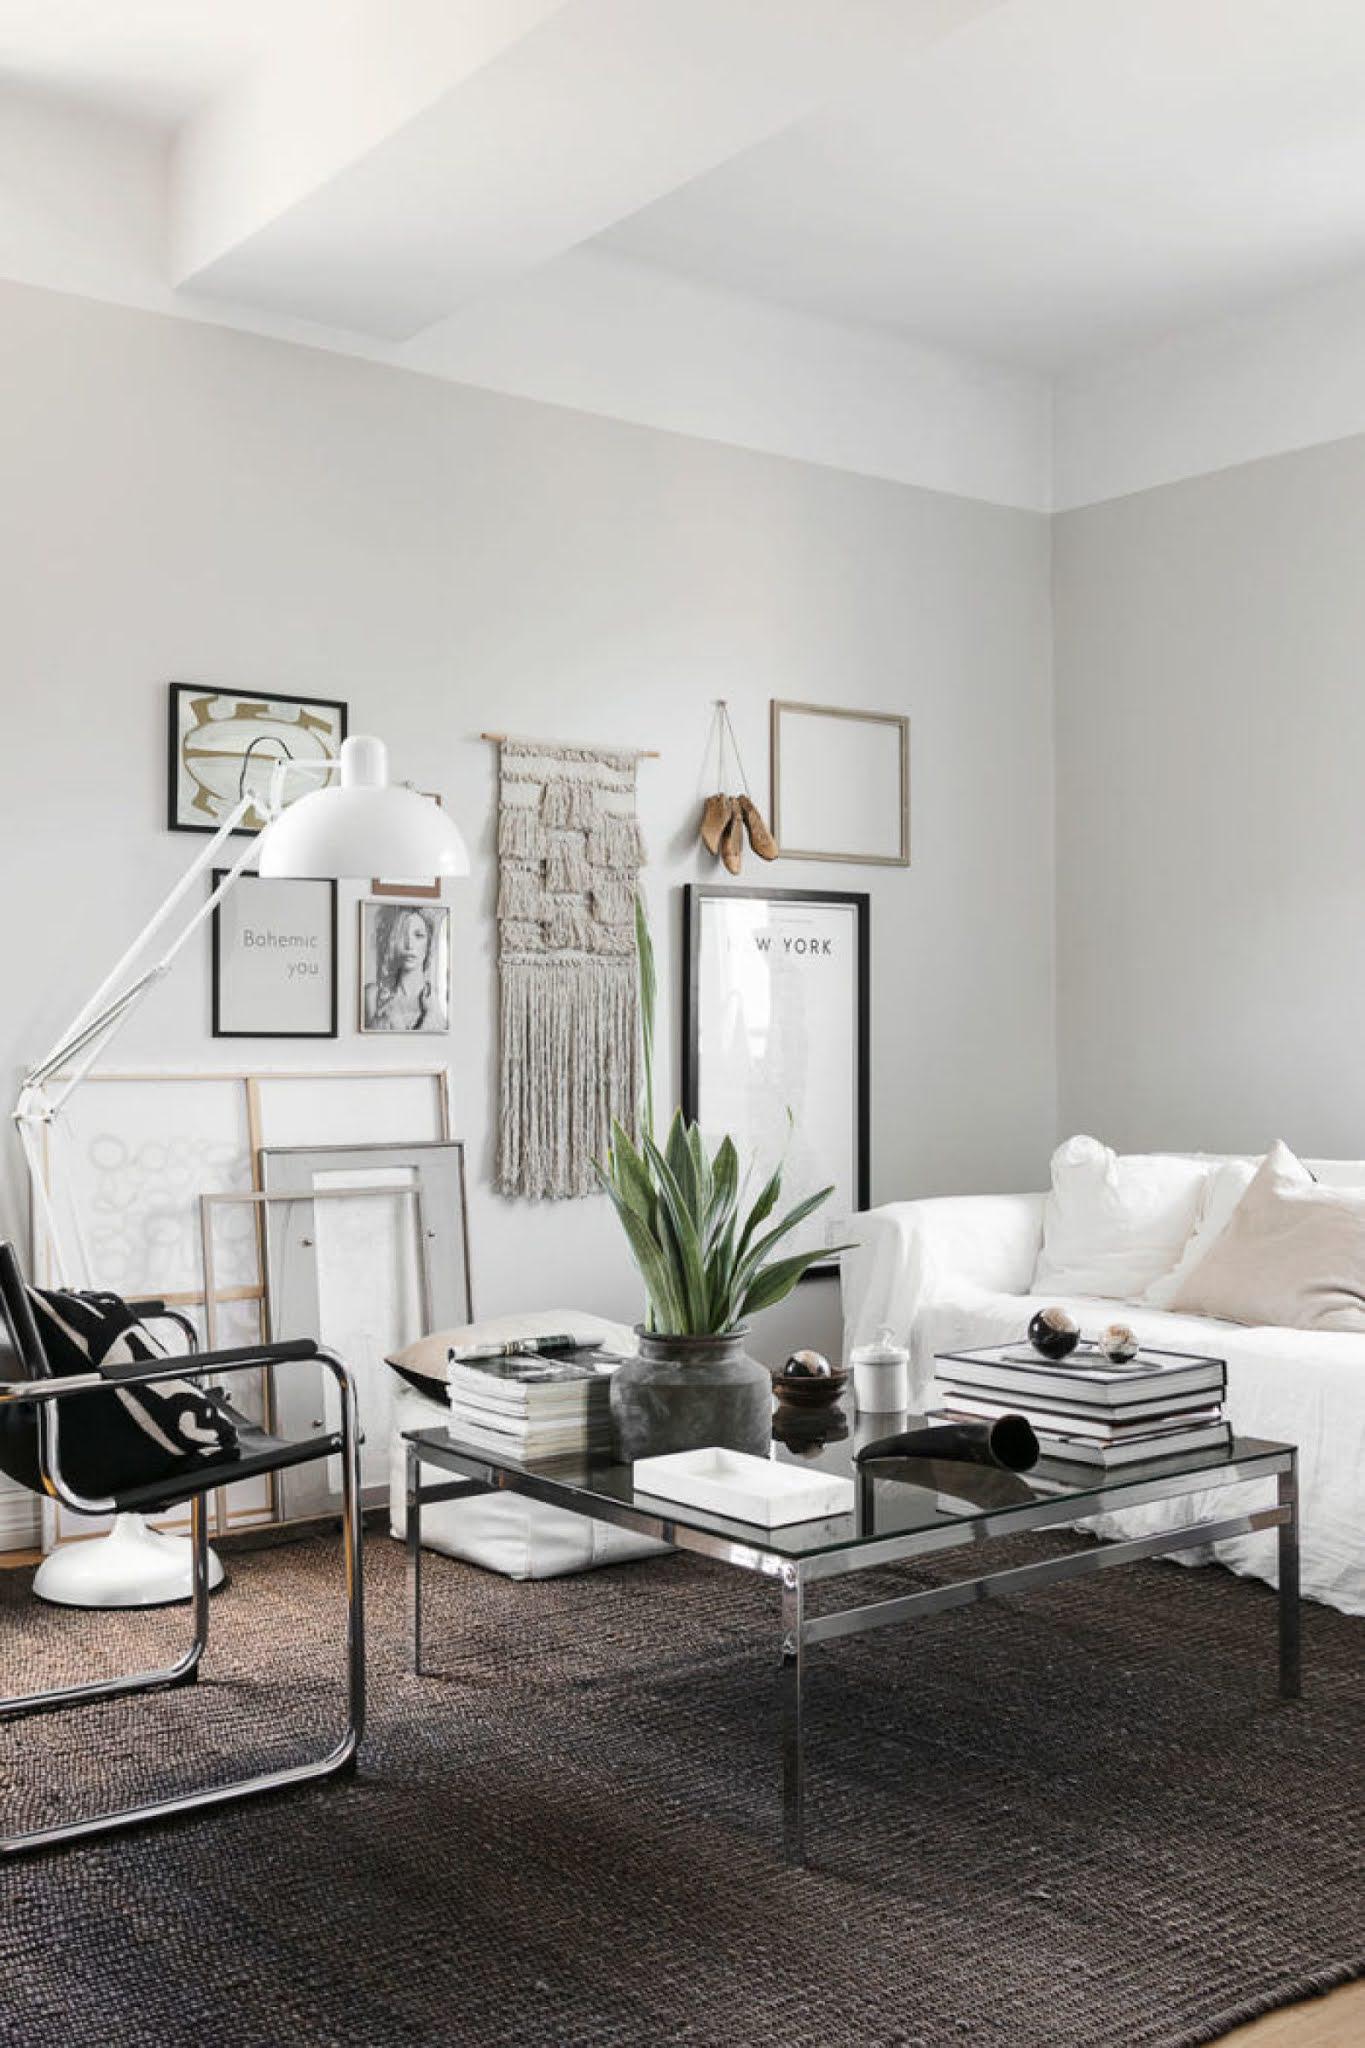 Elegante interior en blanco y negro